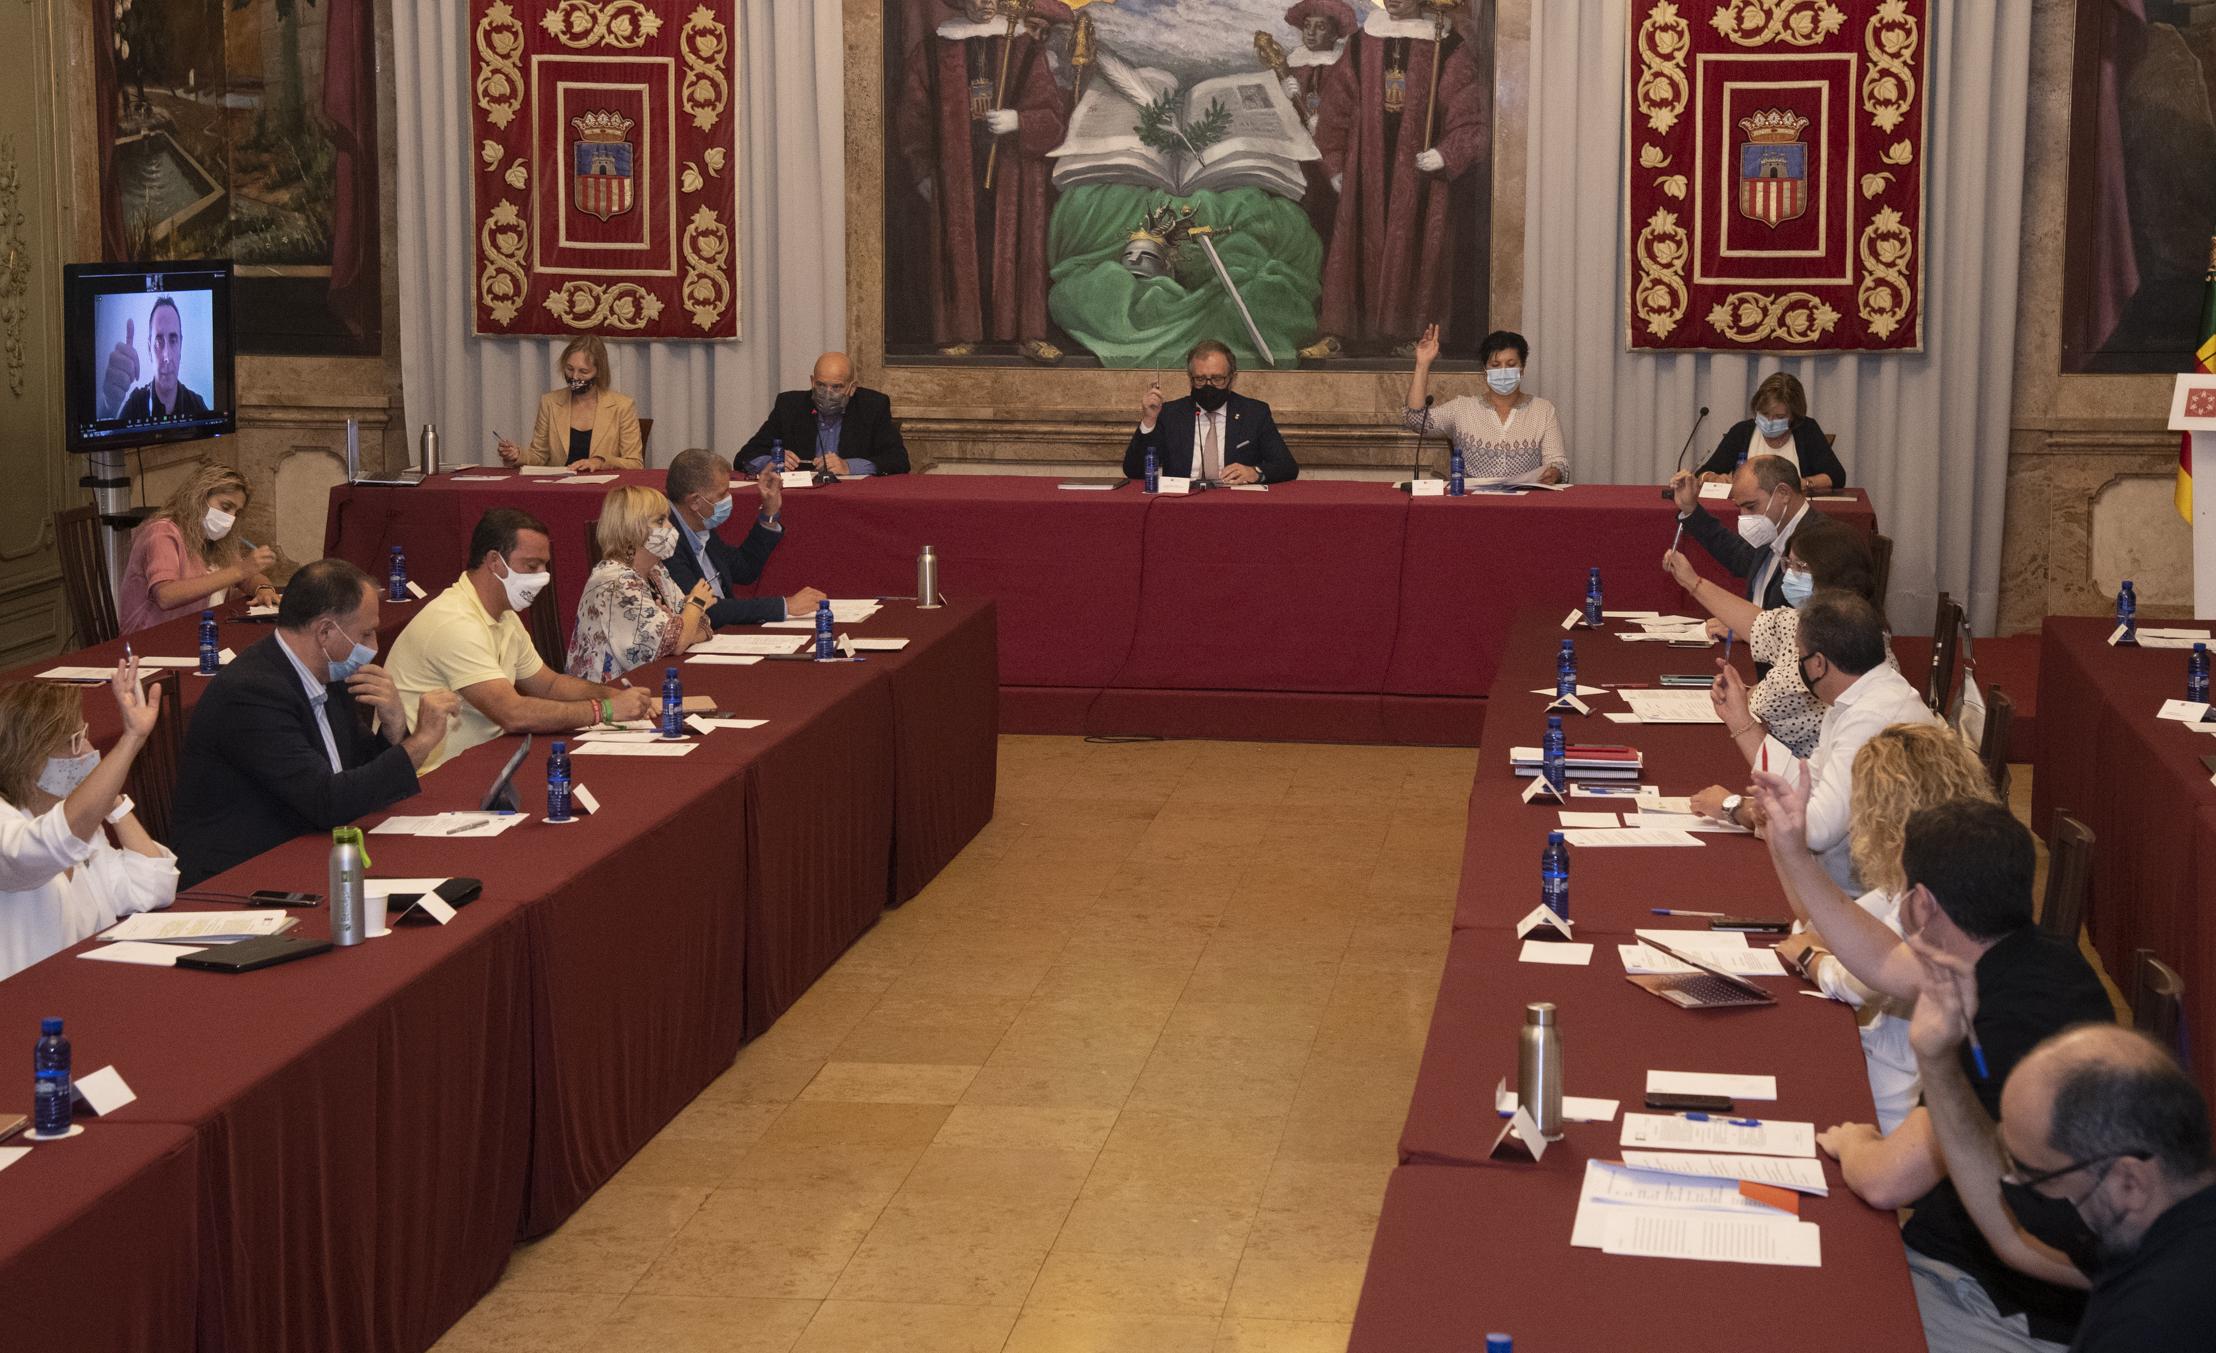 La Diputación aprobará el martes en pleno una propuesta del equipo de gobierno para instar al desbloqueo en la renovación de órganos constitucionales